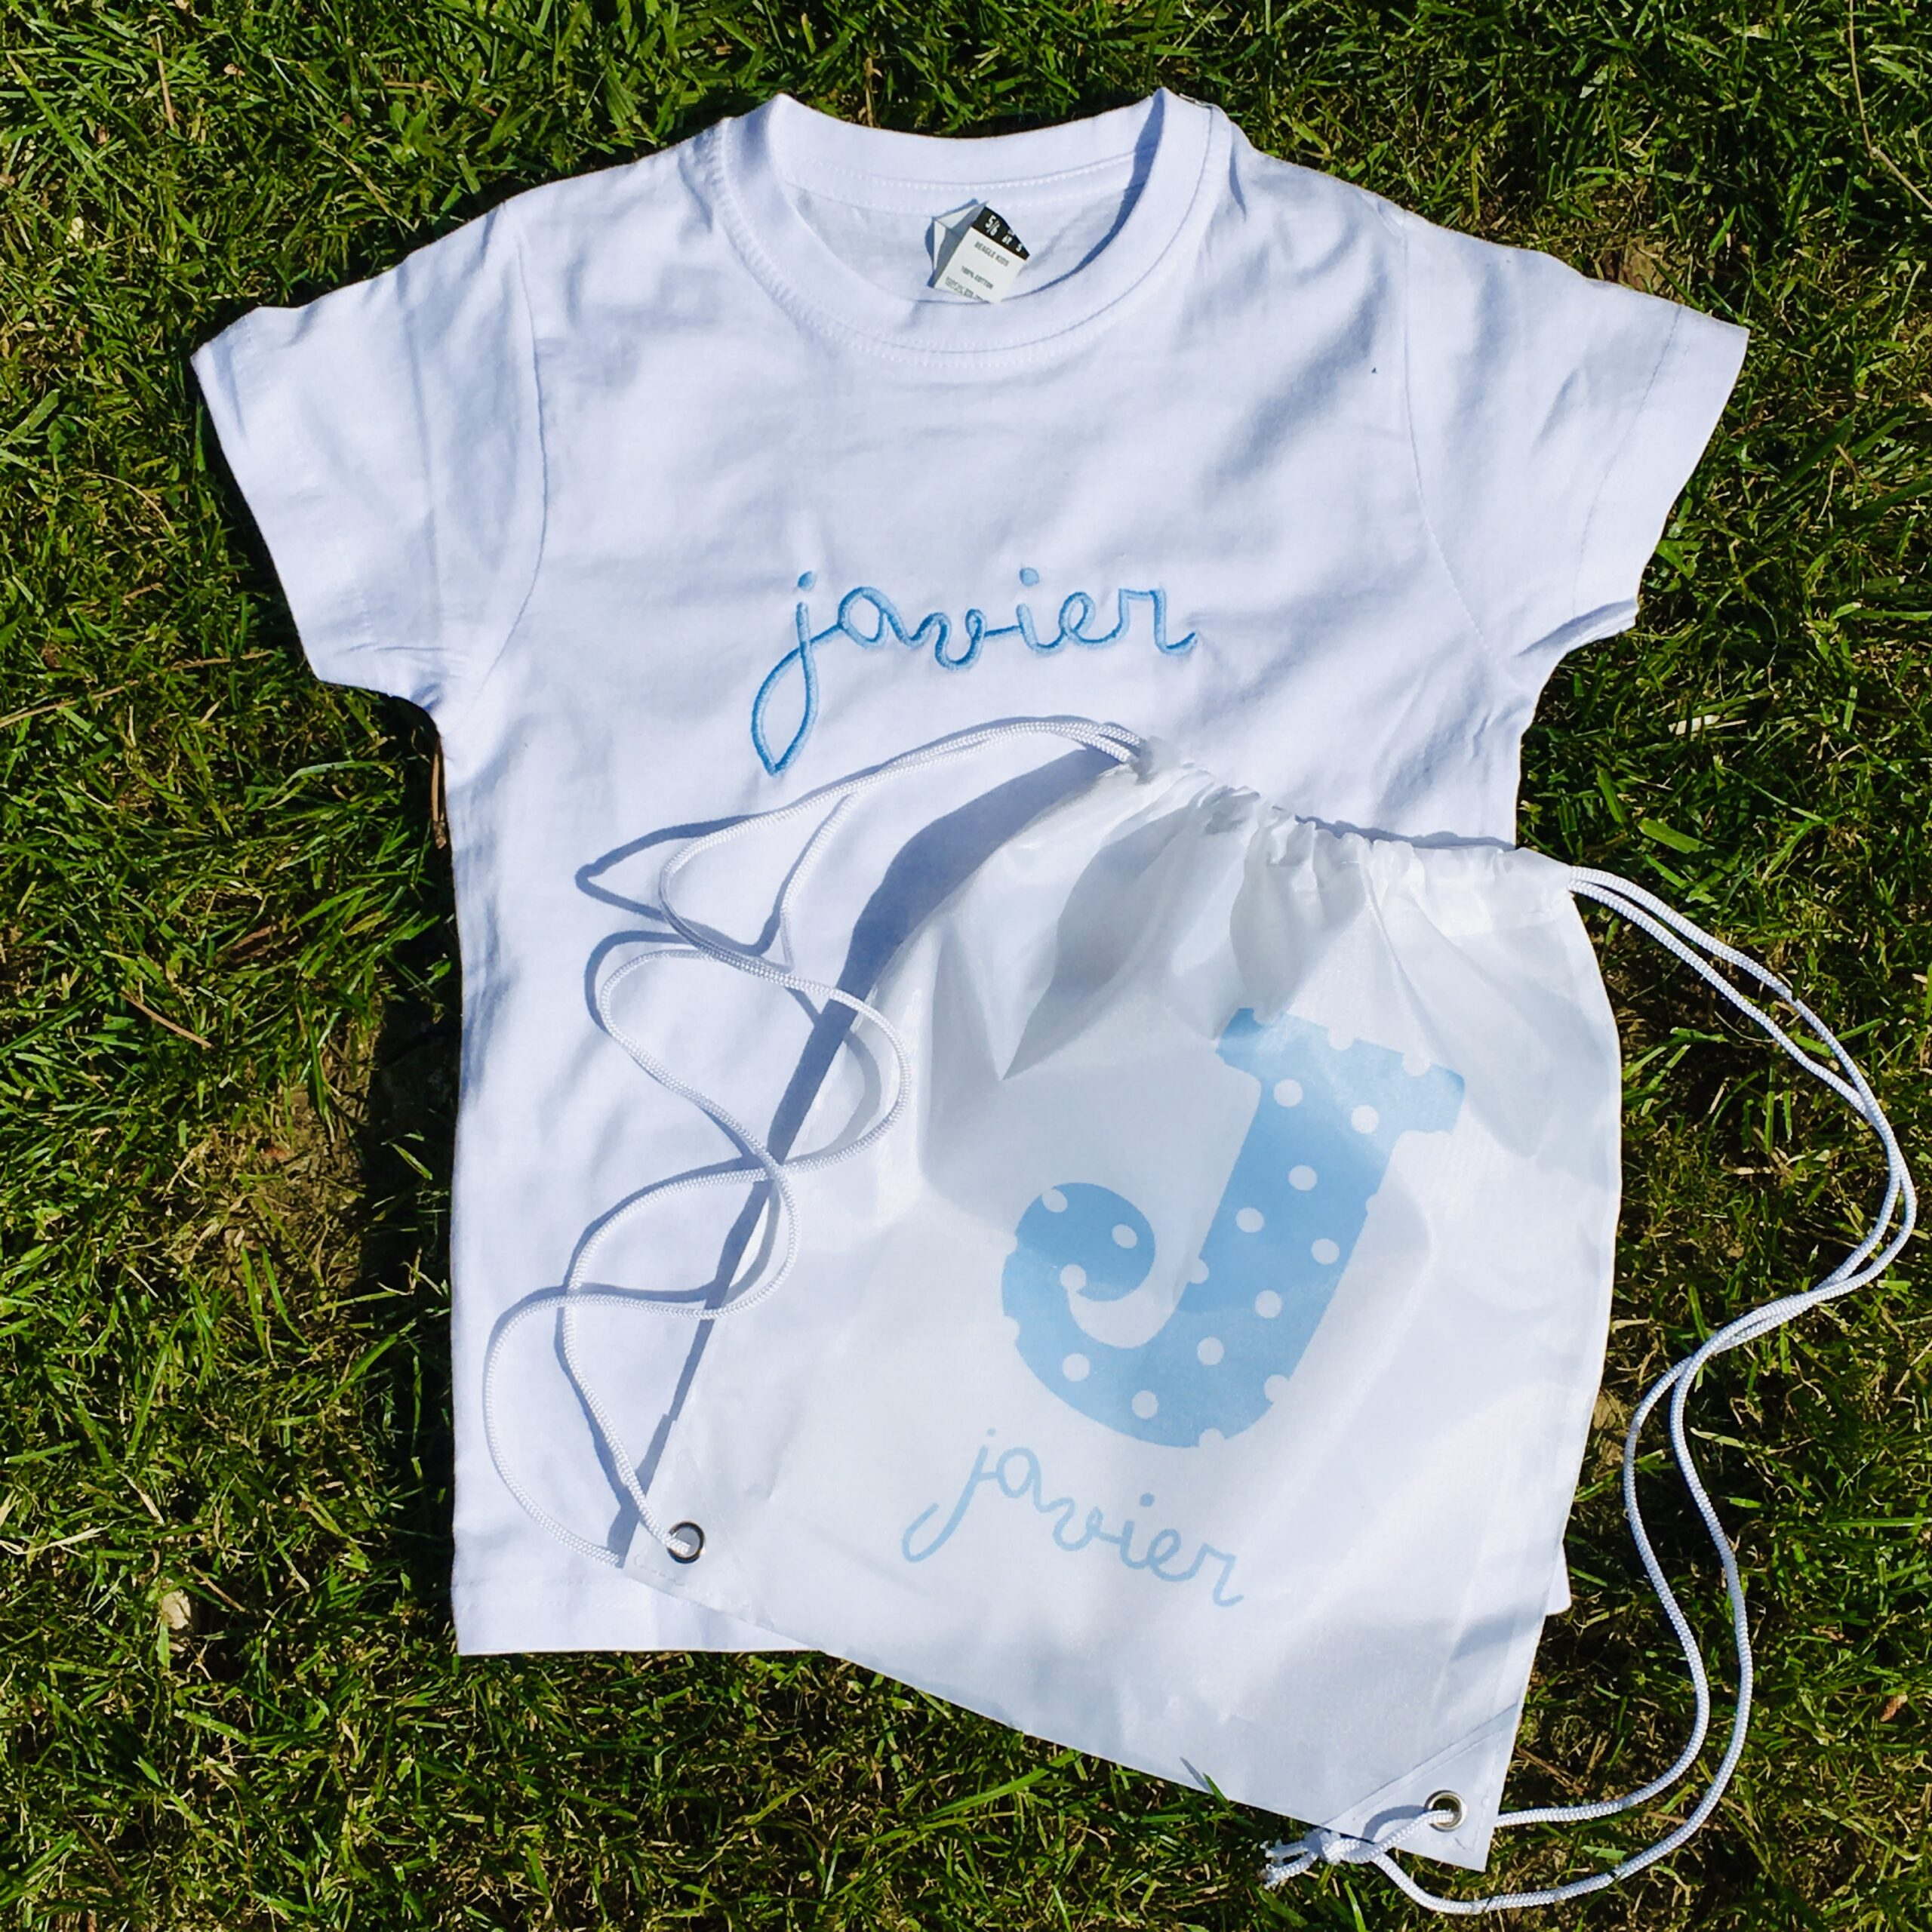 Camiseta con Nombre bordado y bolsa inicial en tinta